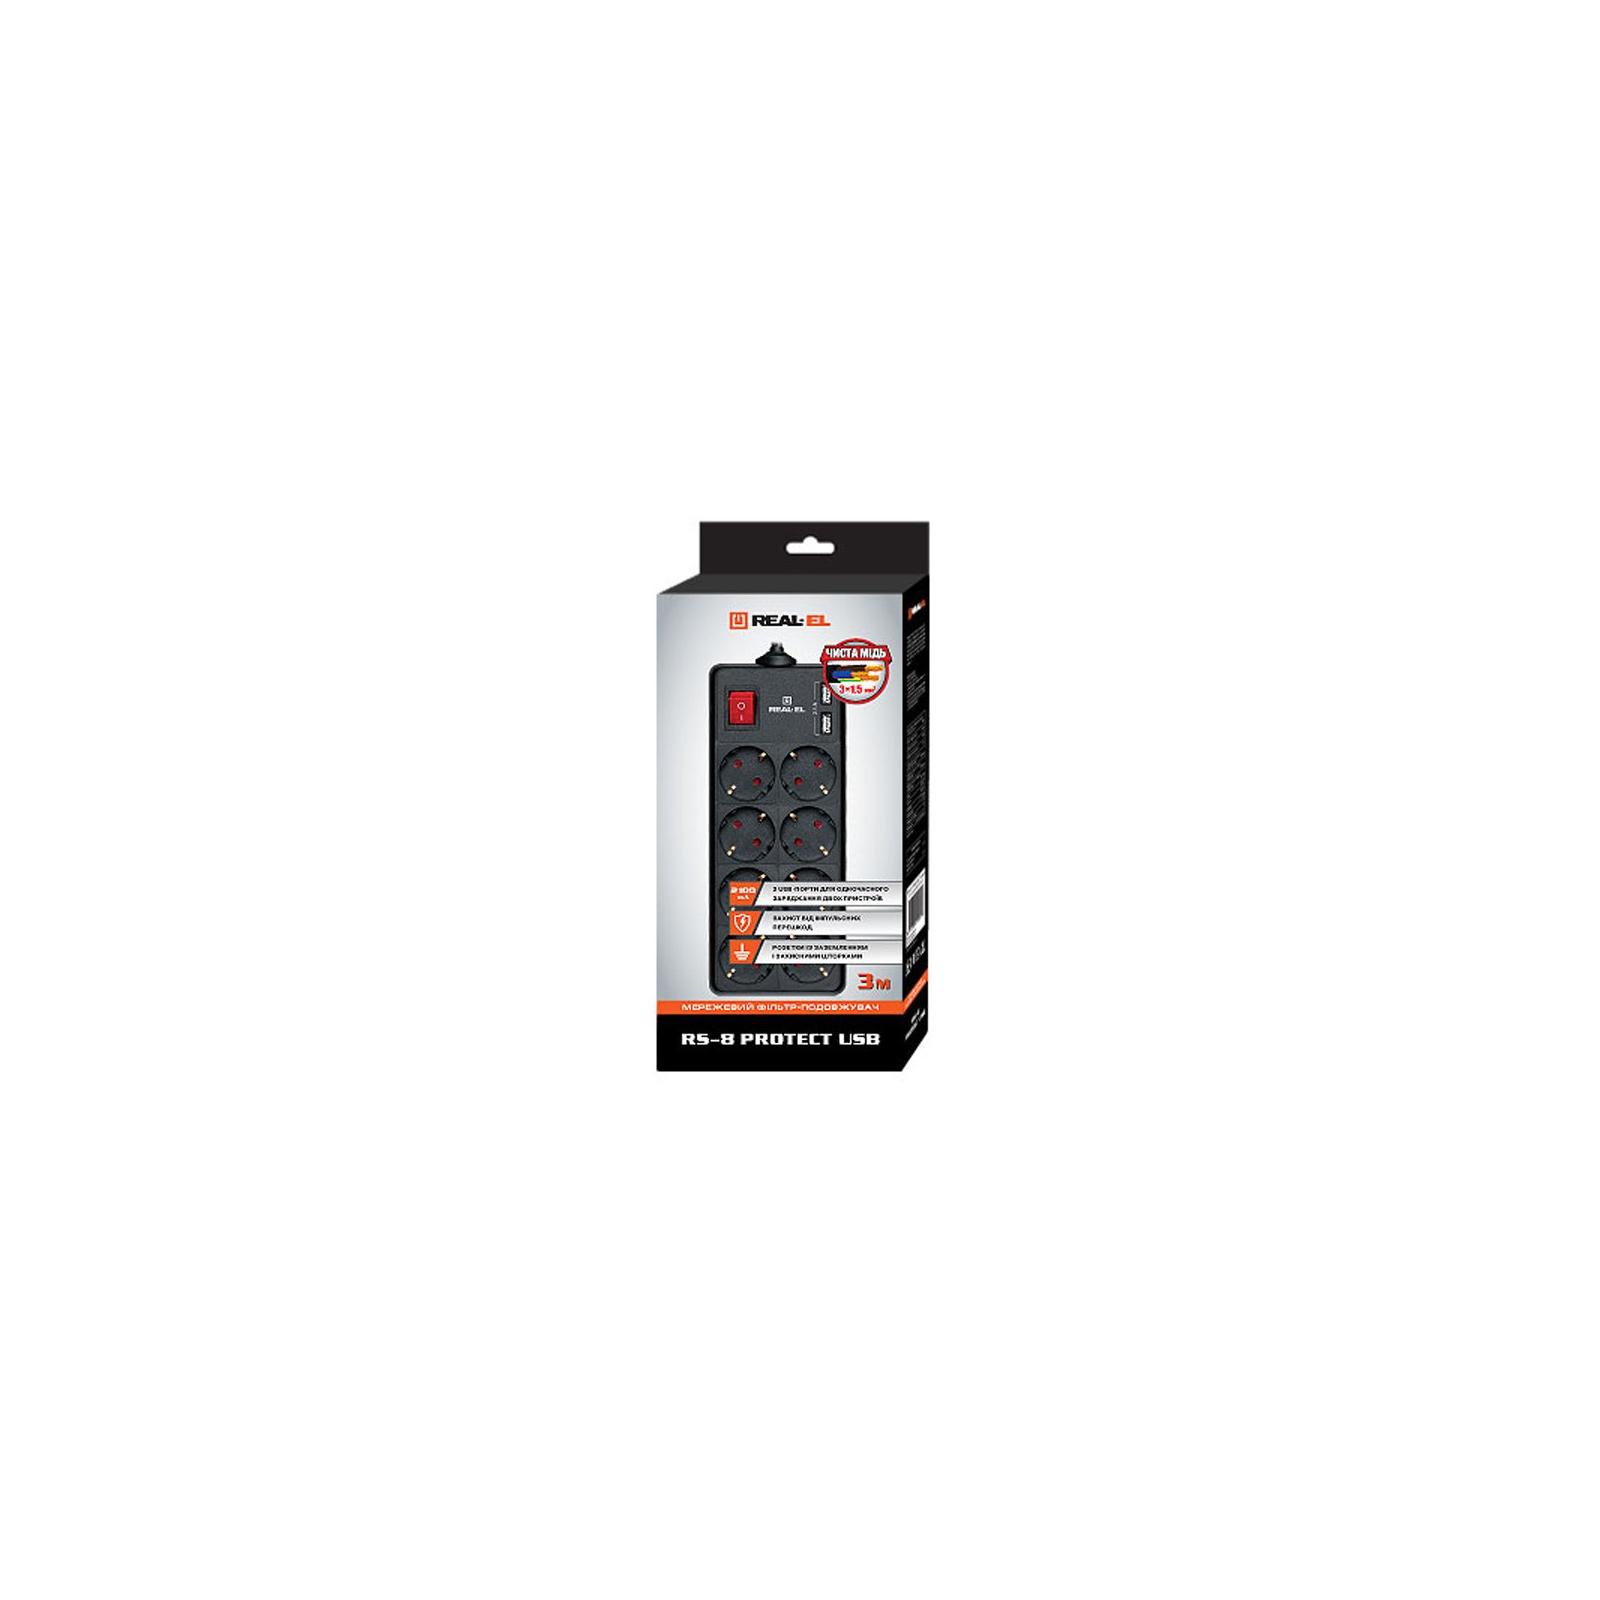 Мережевий фільтр живлення REAL-EL REAL-EL RS-8 PROTECT USB, 3m, black (EL122300020) зображення 2